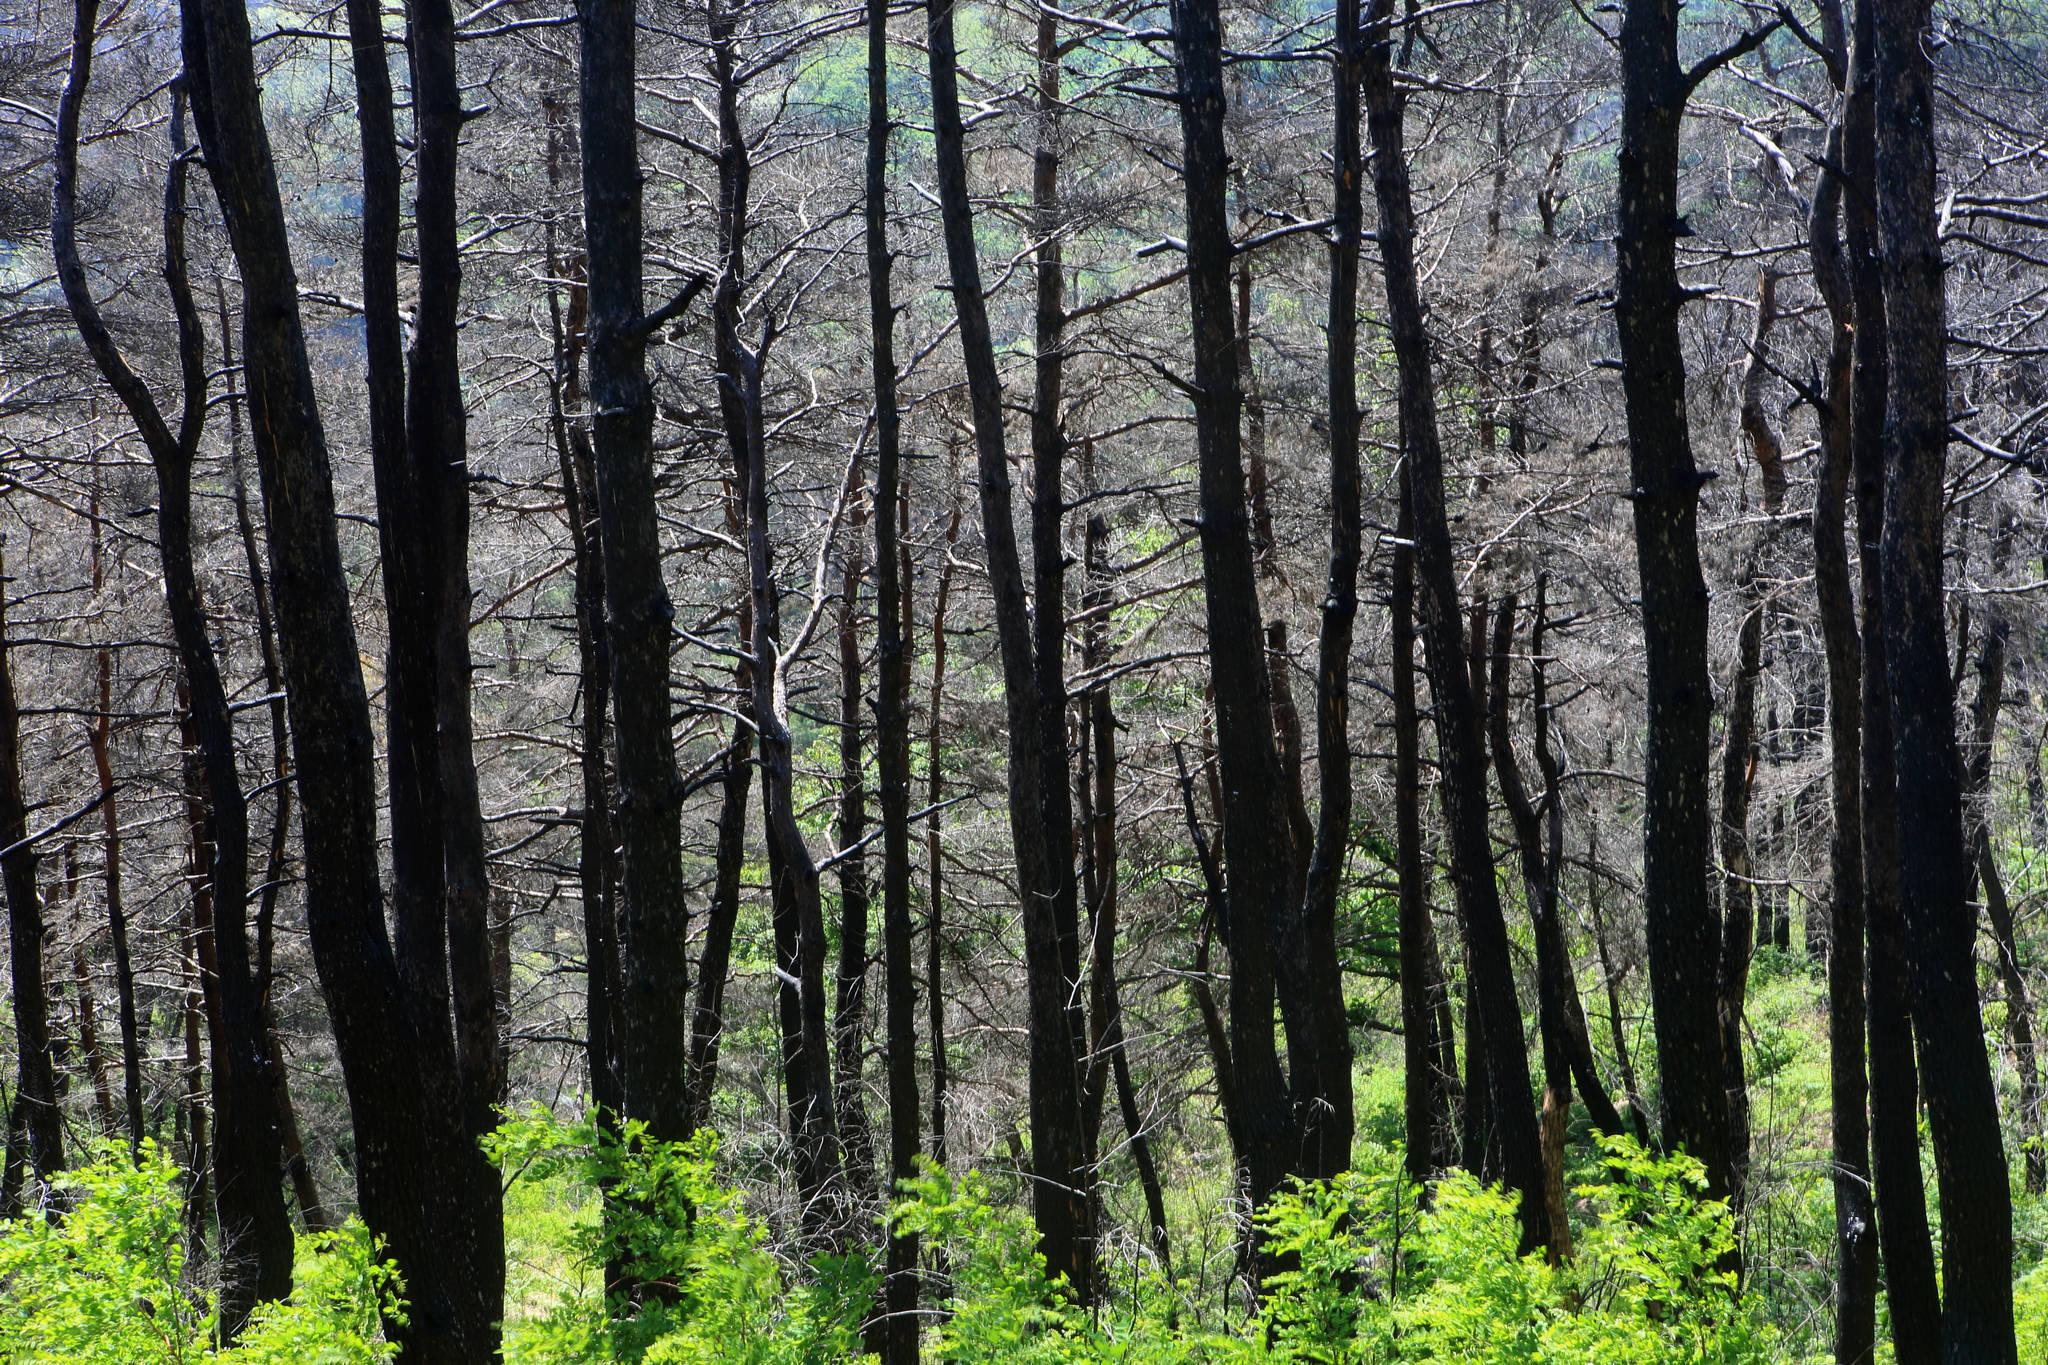 2017년 5월 6일 대형 산불이 발생한 강원 강릉시 성산면의 한 야산의 1년 뒤 모습. 산불이 나흘 동안 계속되면서 울창했던 소나무 숲 252㏊가 숯덩이로 변했다. [연합뉴스]